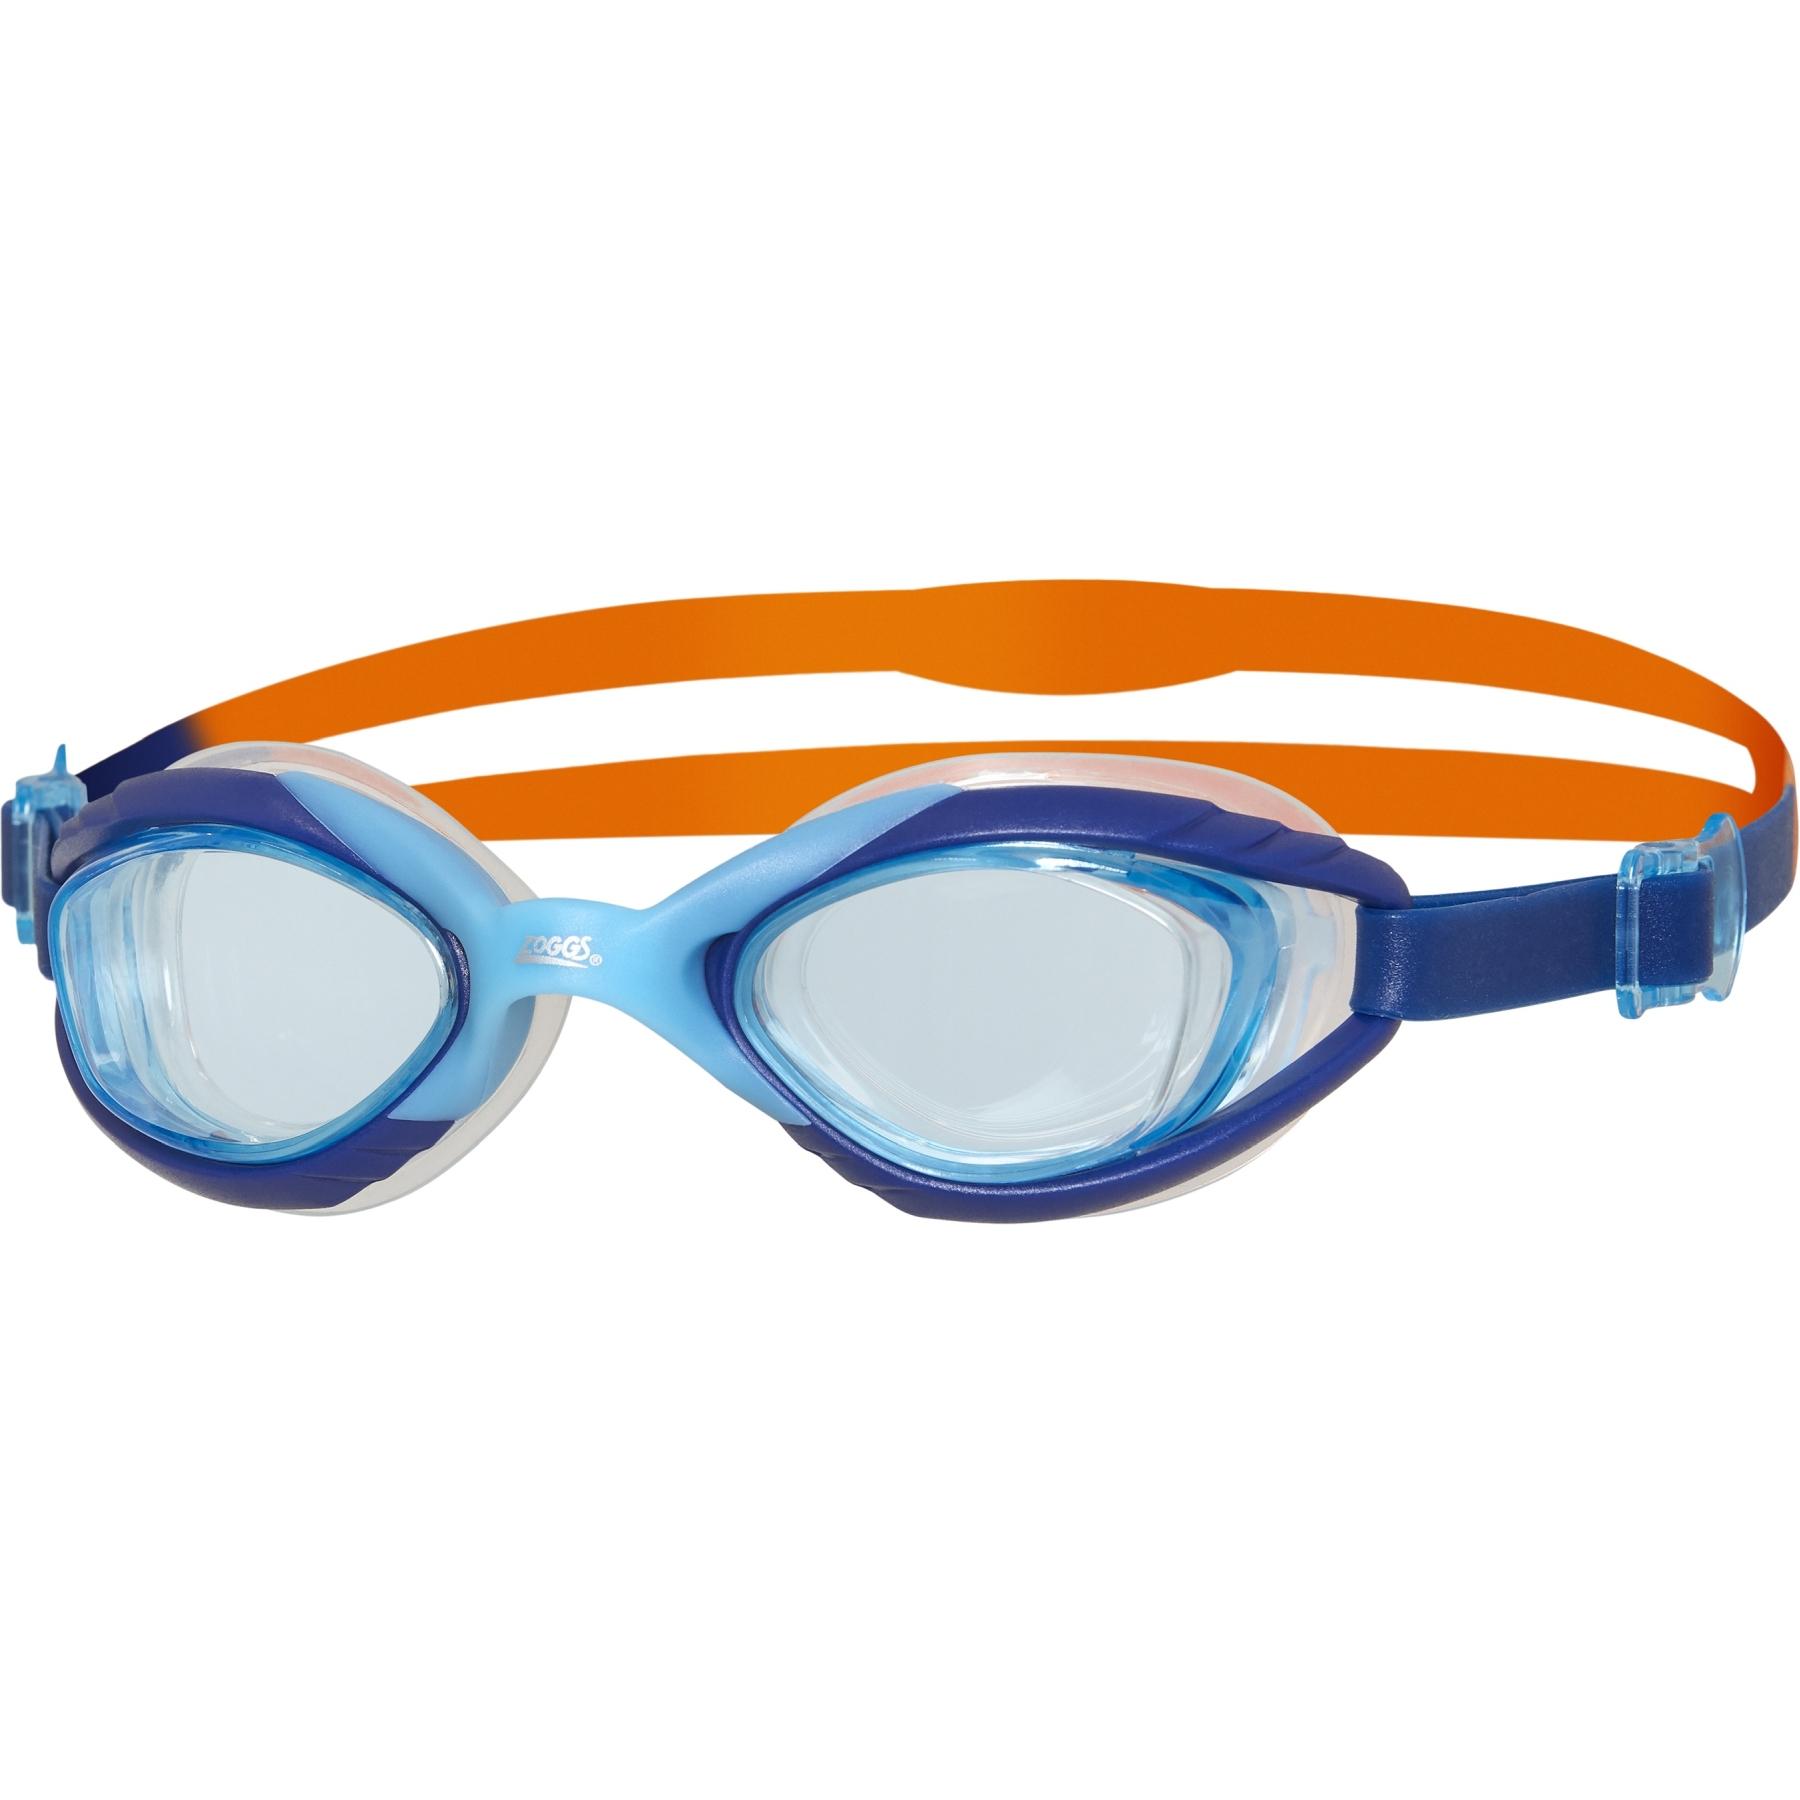 Zoggs Sonic Air Junior 2.0 Kinder Schwimmbrille - Blue/Orange/Tint